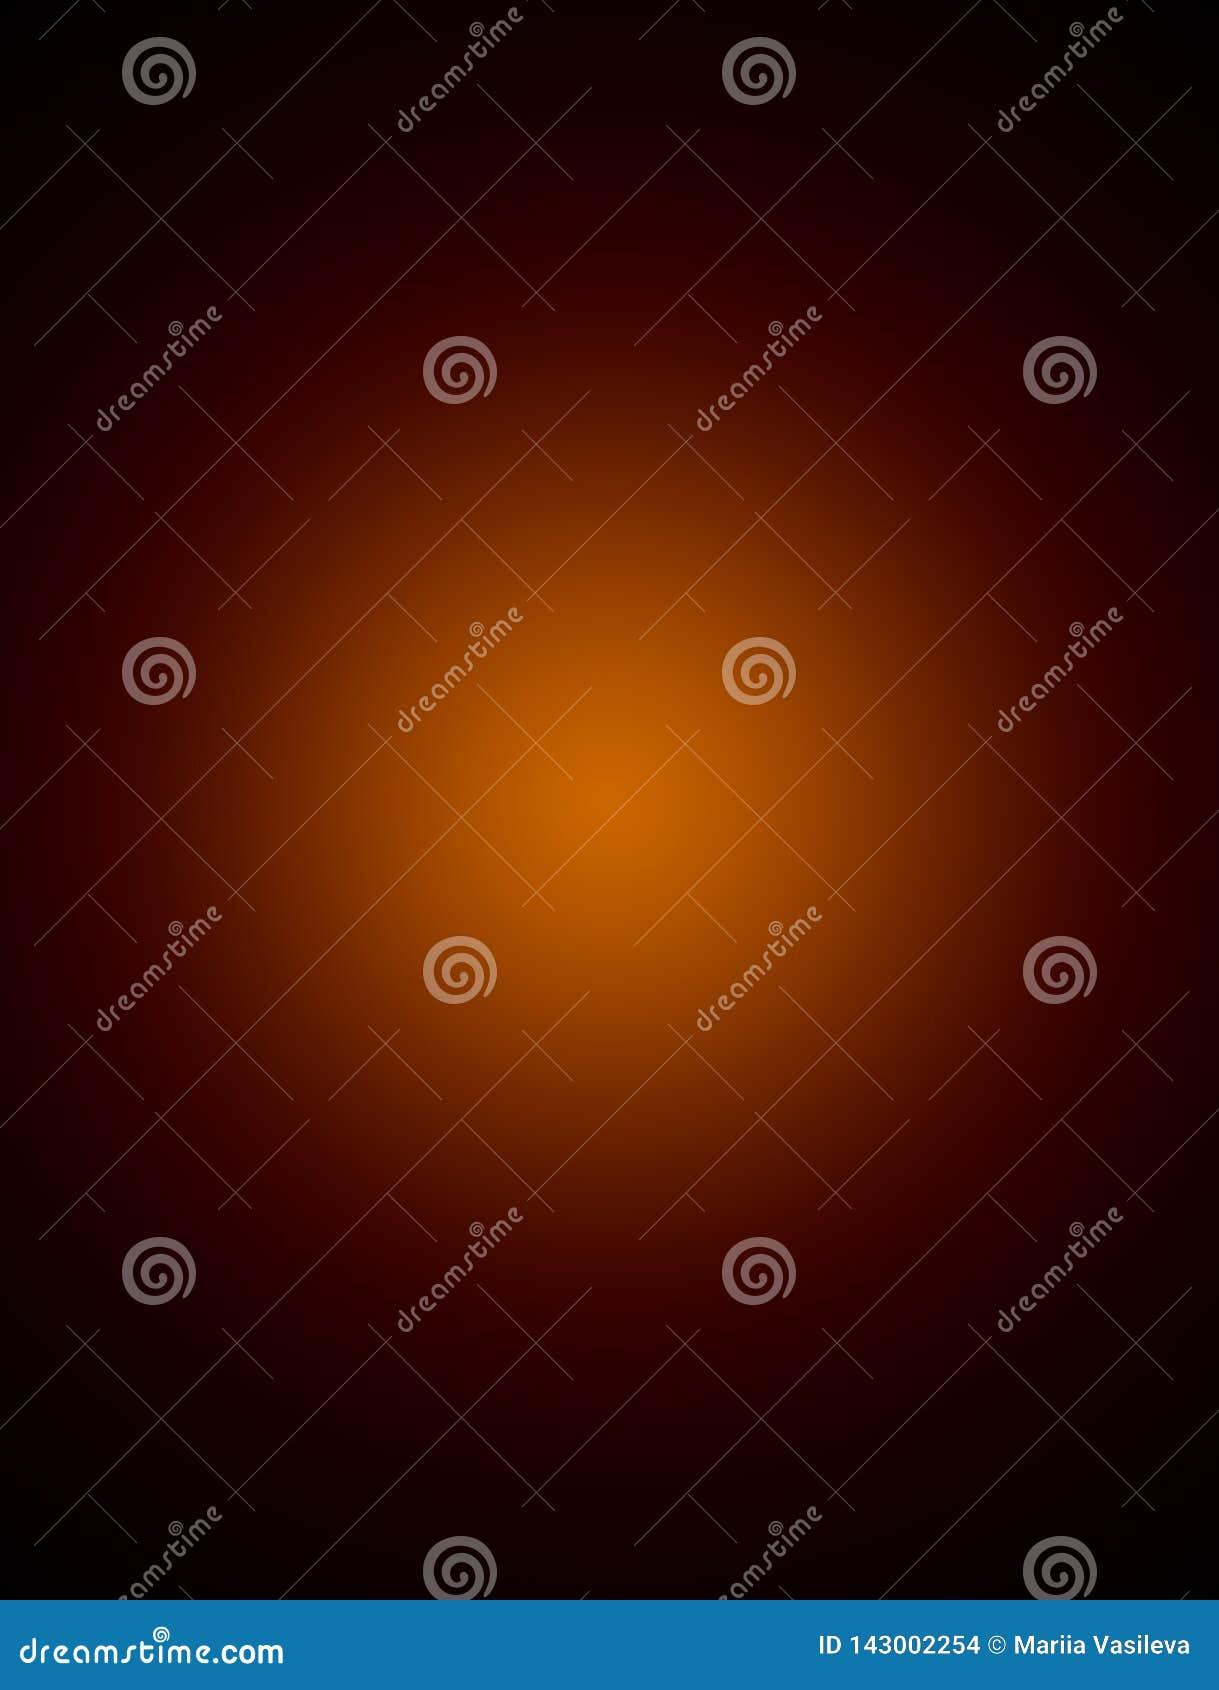 De heldere bruine achtergrond, gradiënt, oranje centrum, spatie, vertroebelde, voor ontwerp, donkere samenvatting,